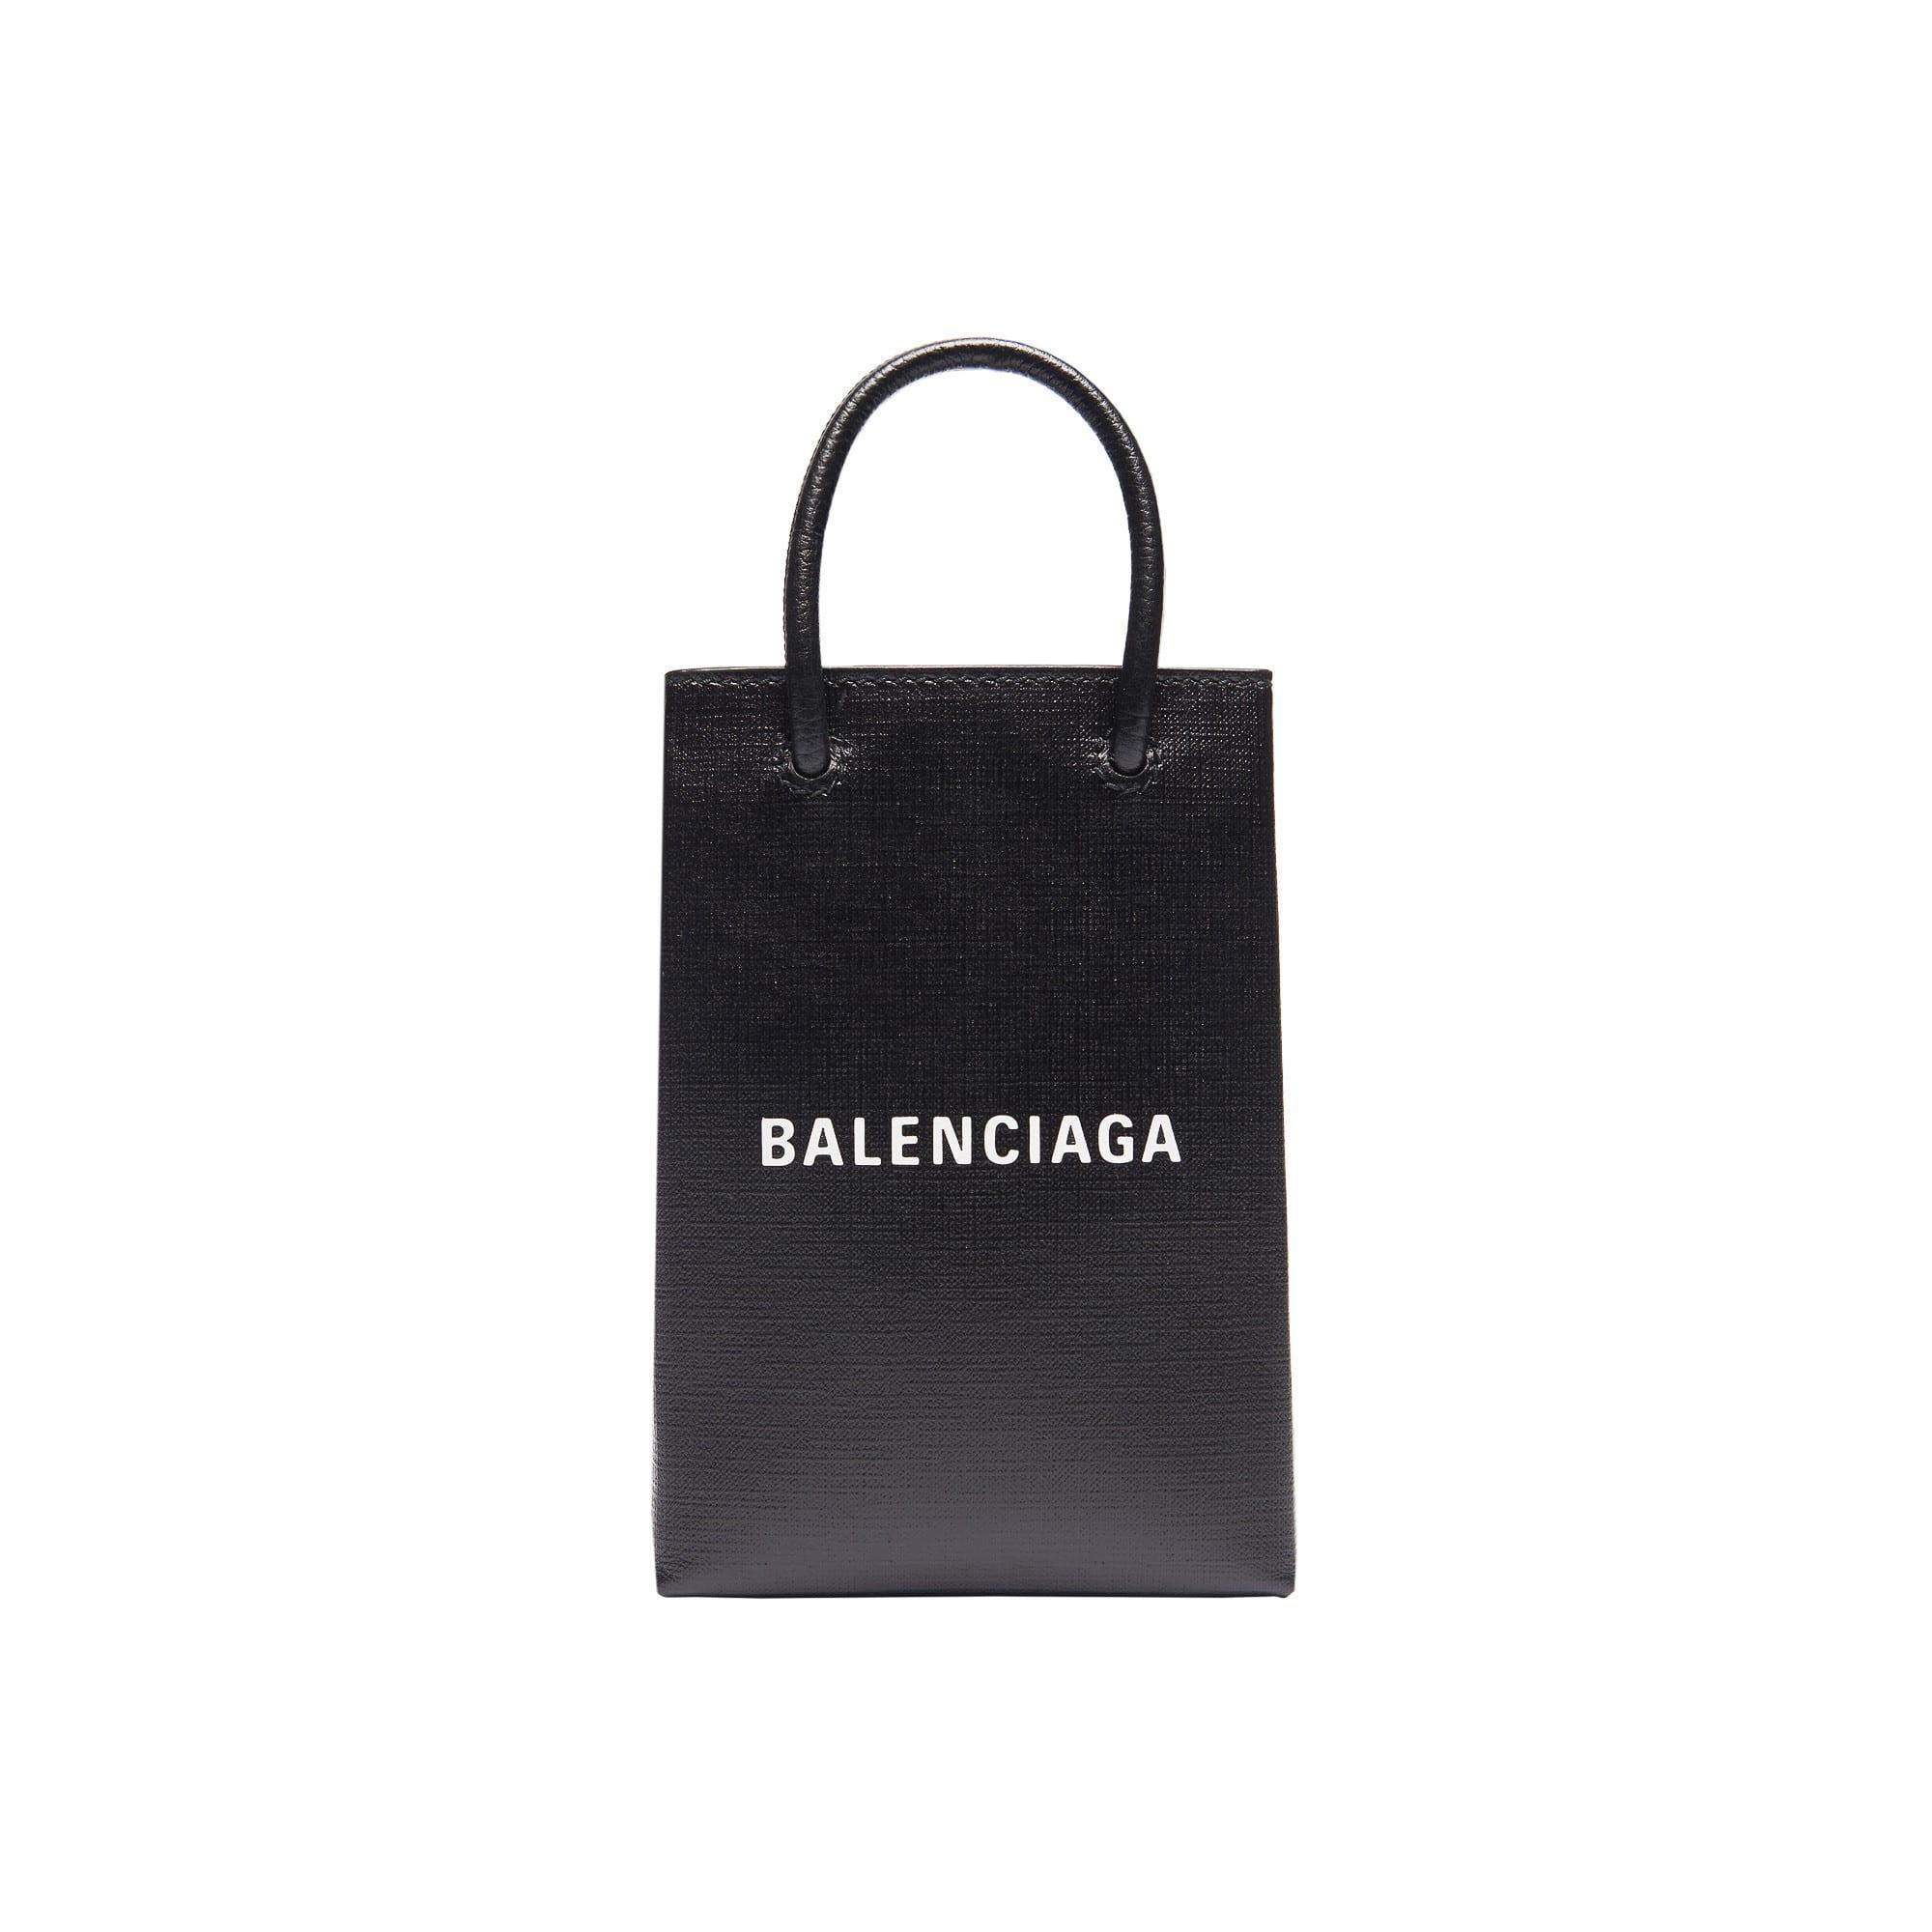 wholesale dealer ecf03 20461 バレンシアガ、ブランドの紙袋を模したバッグラインから新作 ...